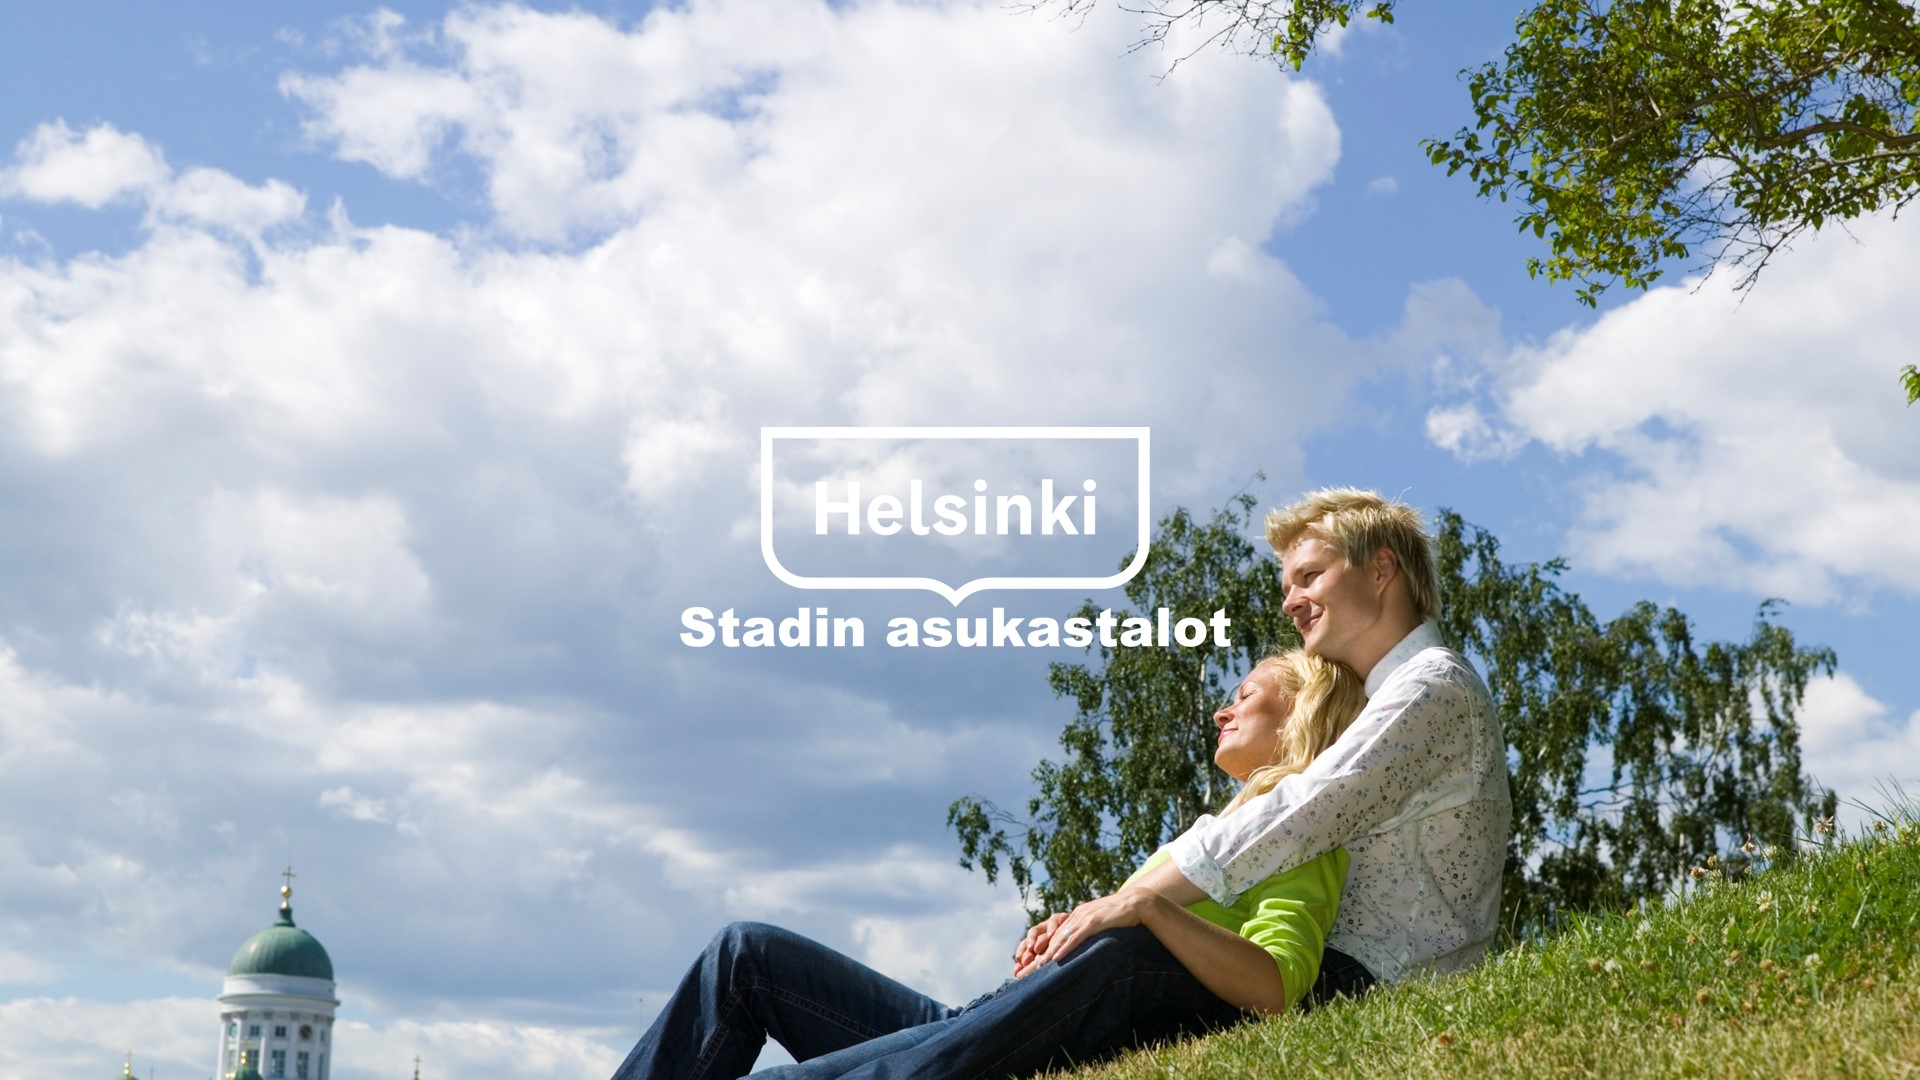 Link to event Retki Vartiosaareen 10.8.